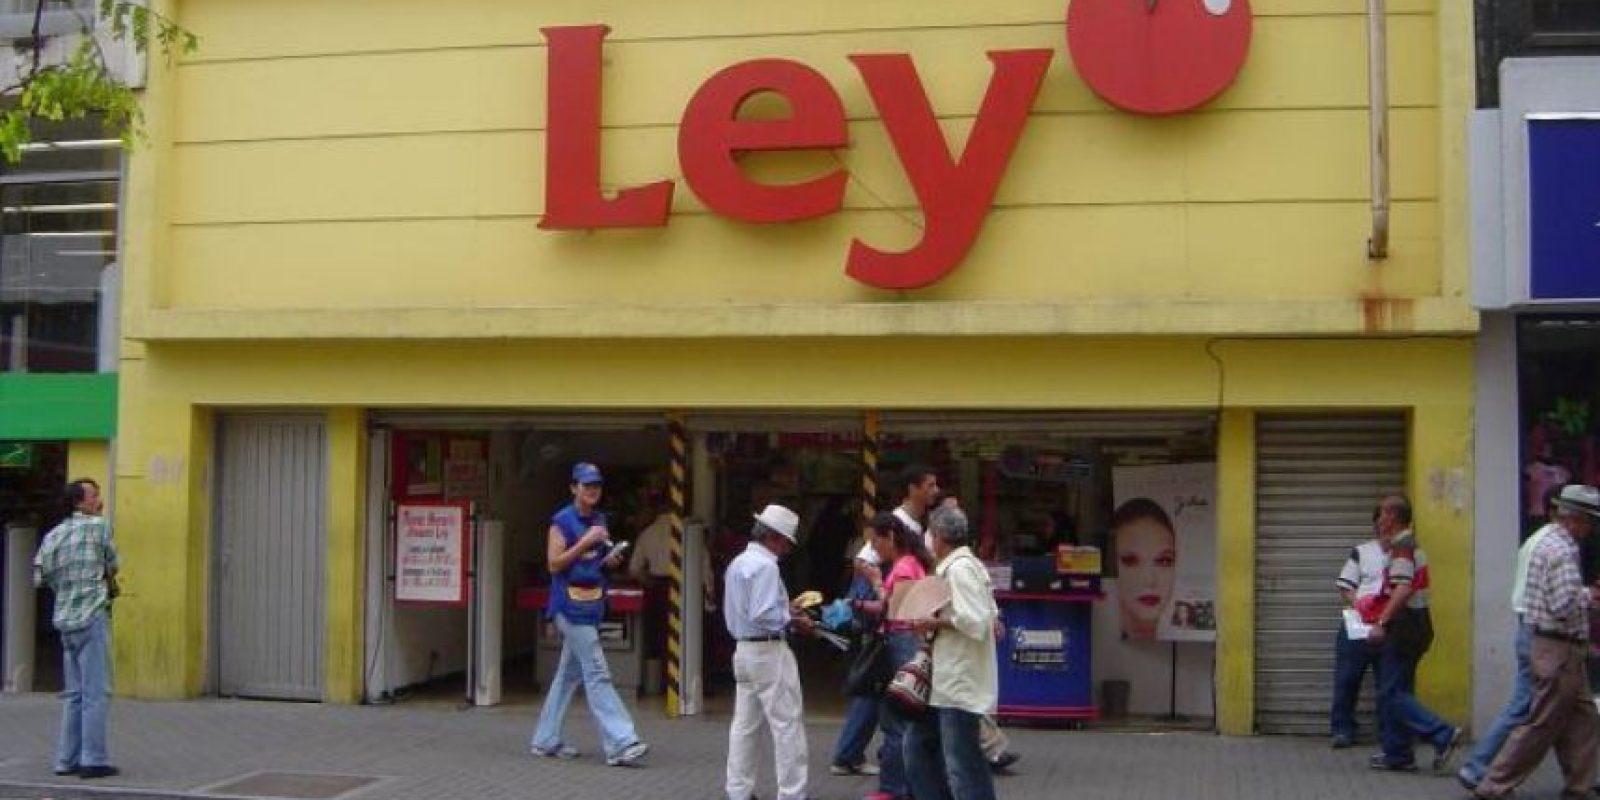 De Ley solo nos queda el recuerdo… Los almacenes siguen en el mismo lugar de siempre, pero ahora el letrero es amarillo y dice 'Éxito'.